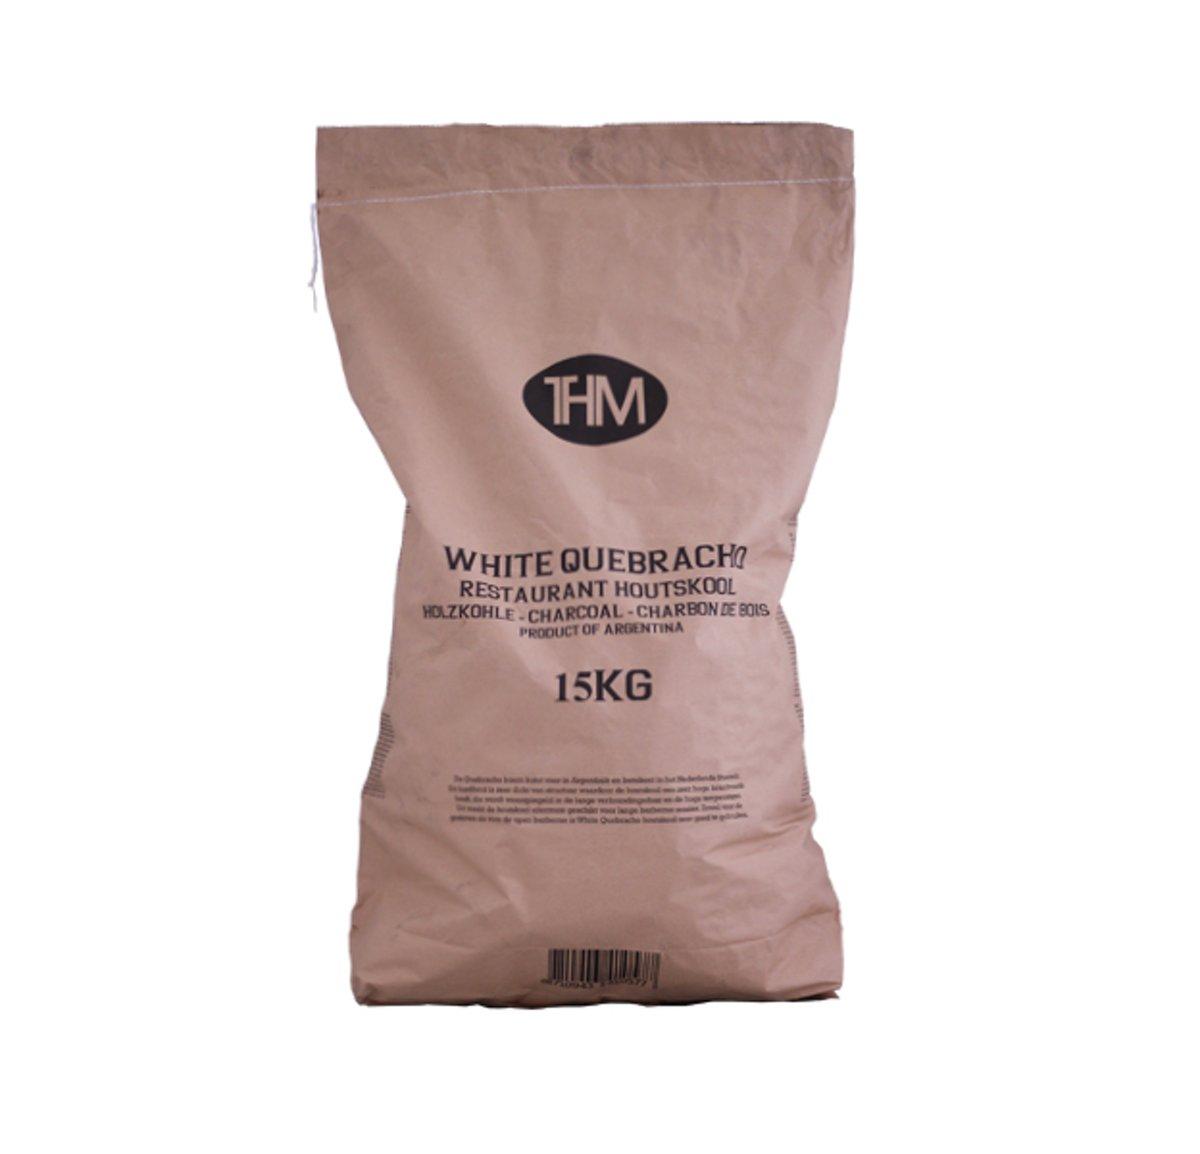 THM White Quebracho Restaurant Houtskool 15kg kopen